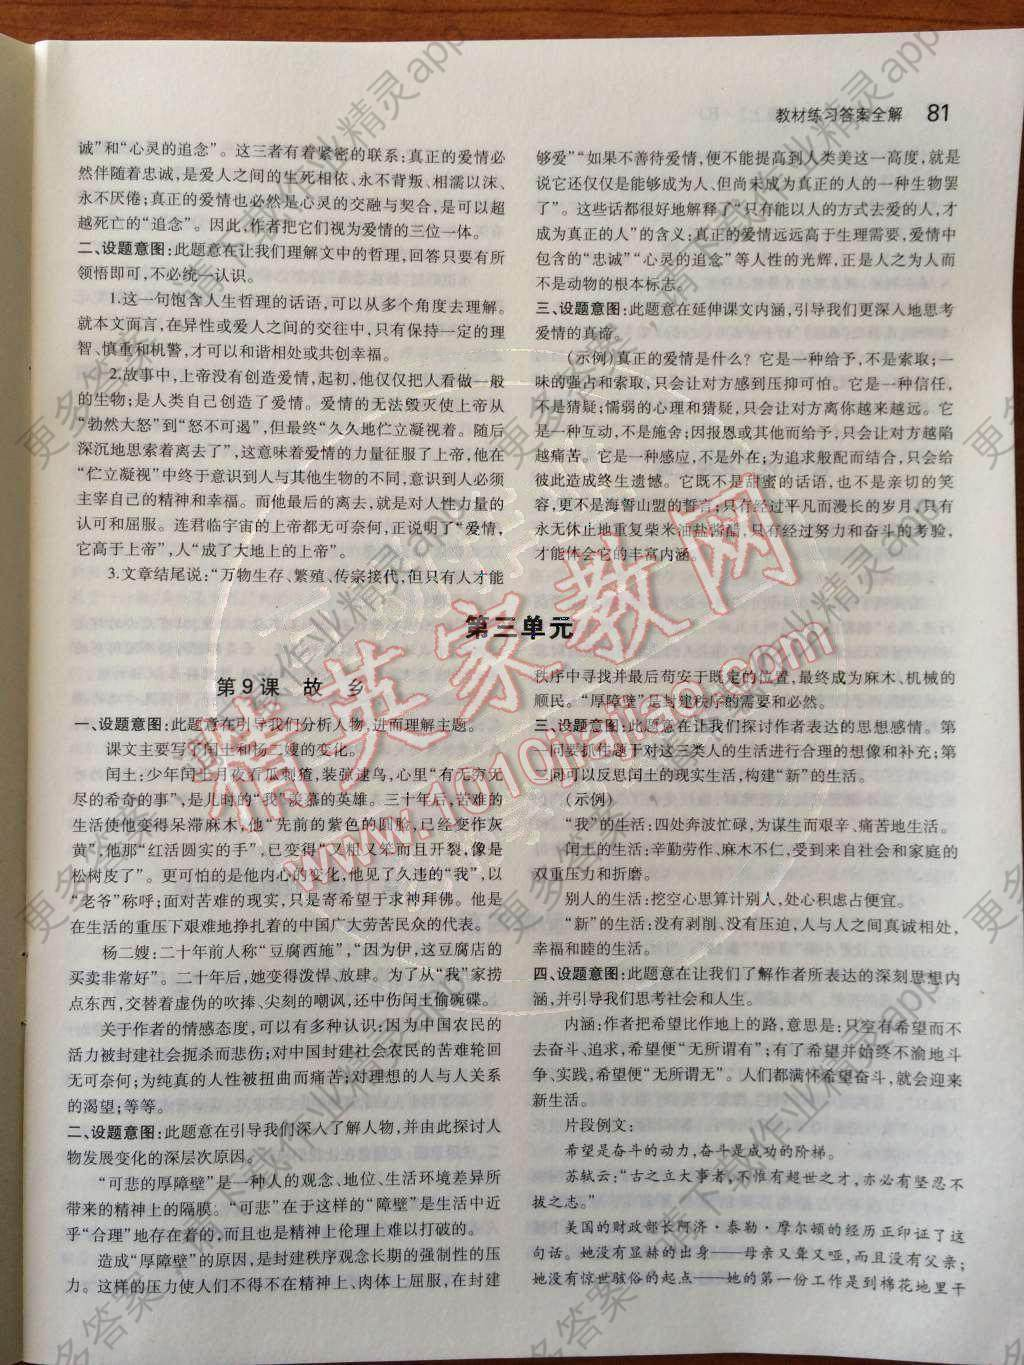 课本人教版九年级语文上册答案图片